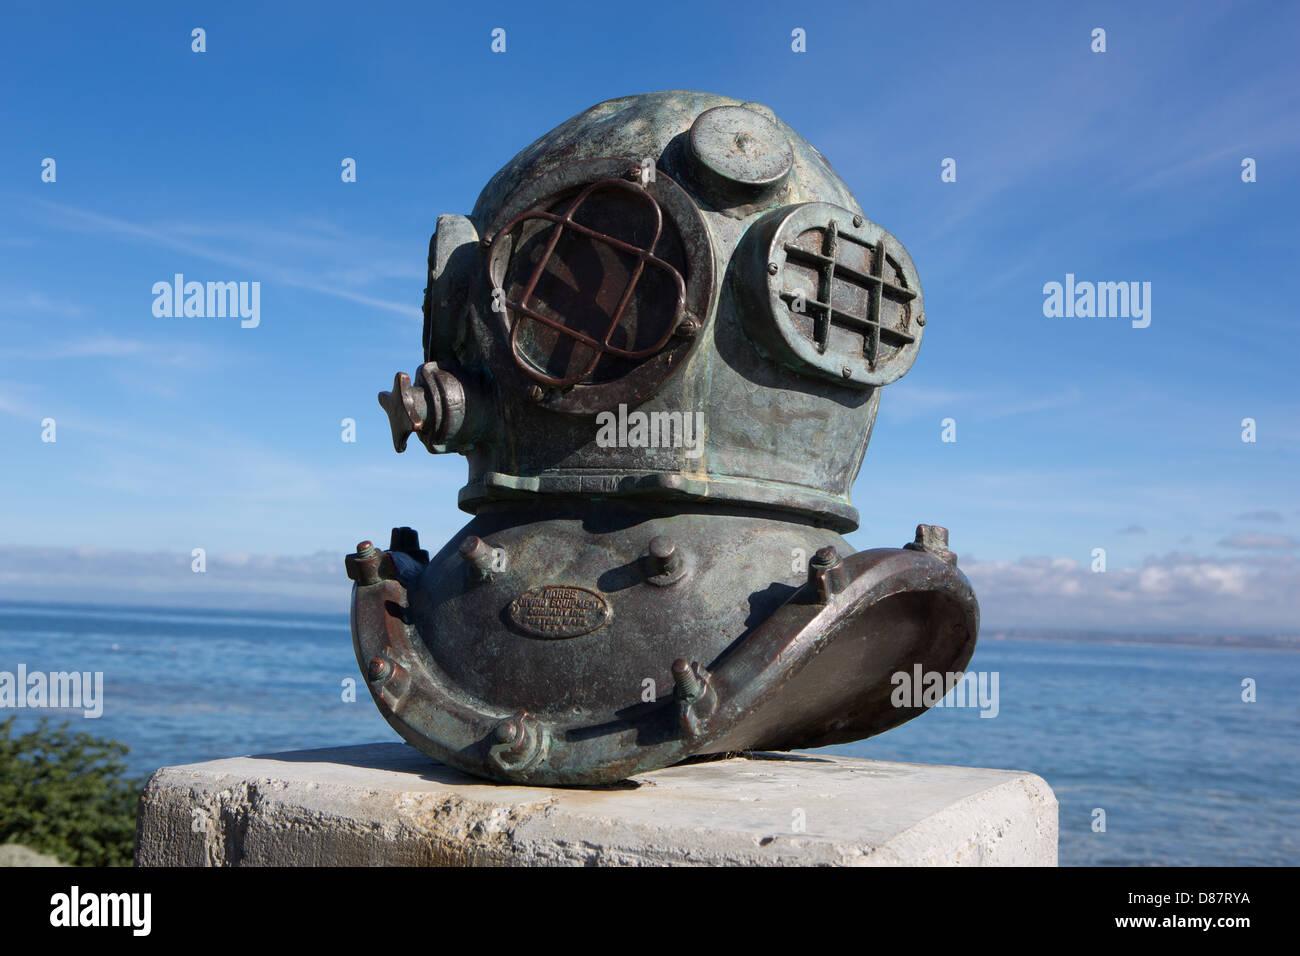 A deep sea diver's helmet - Stock Image